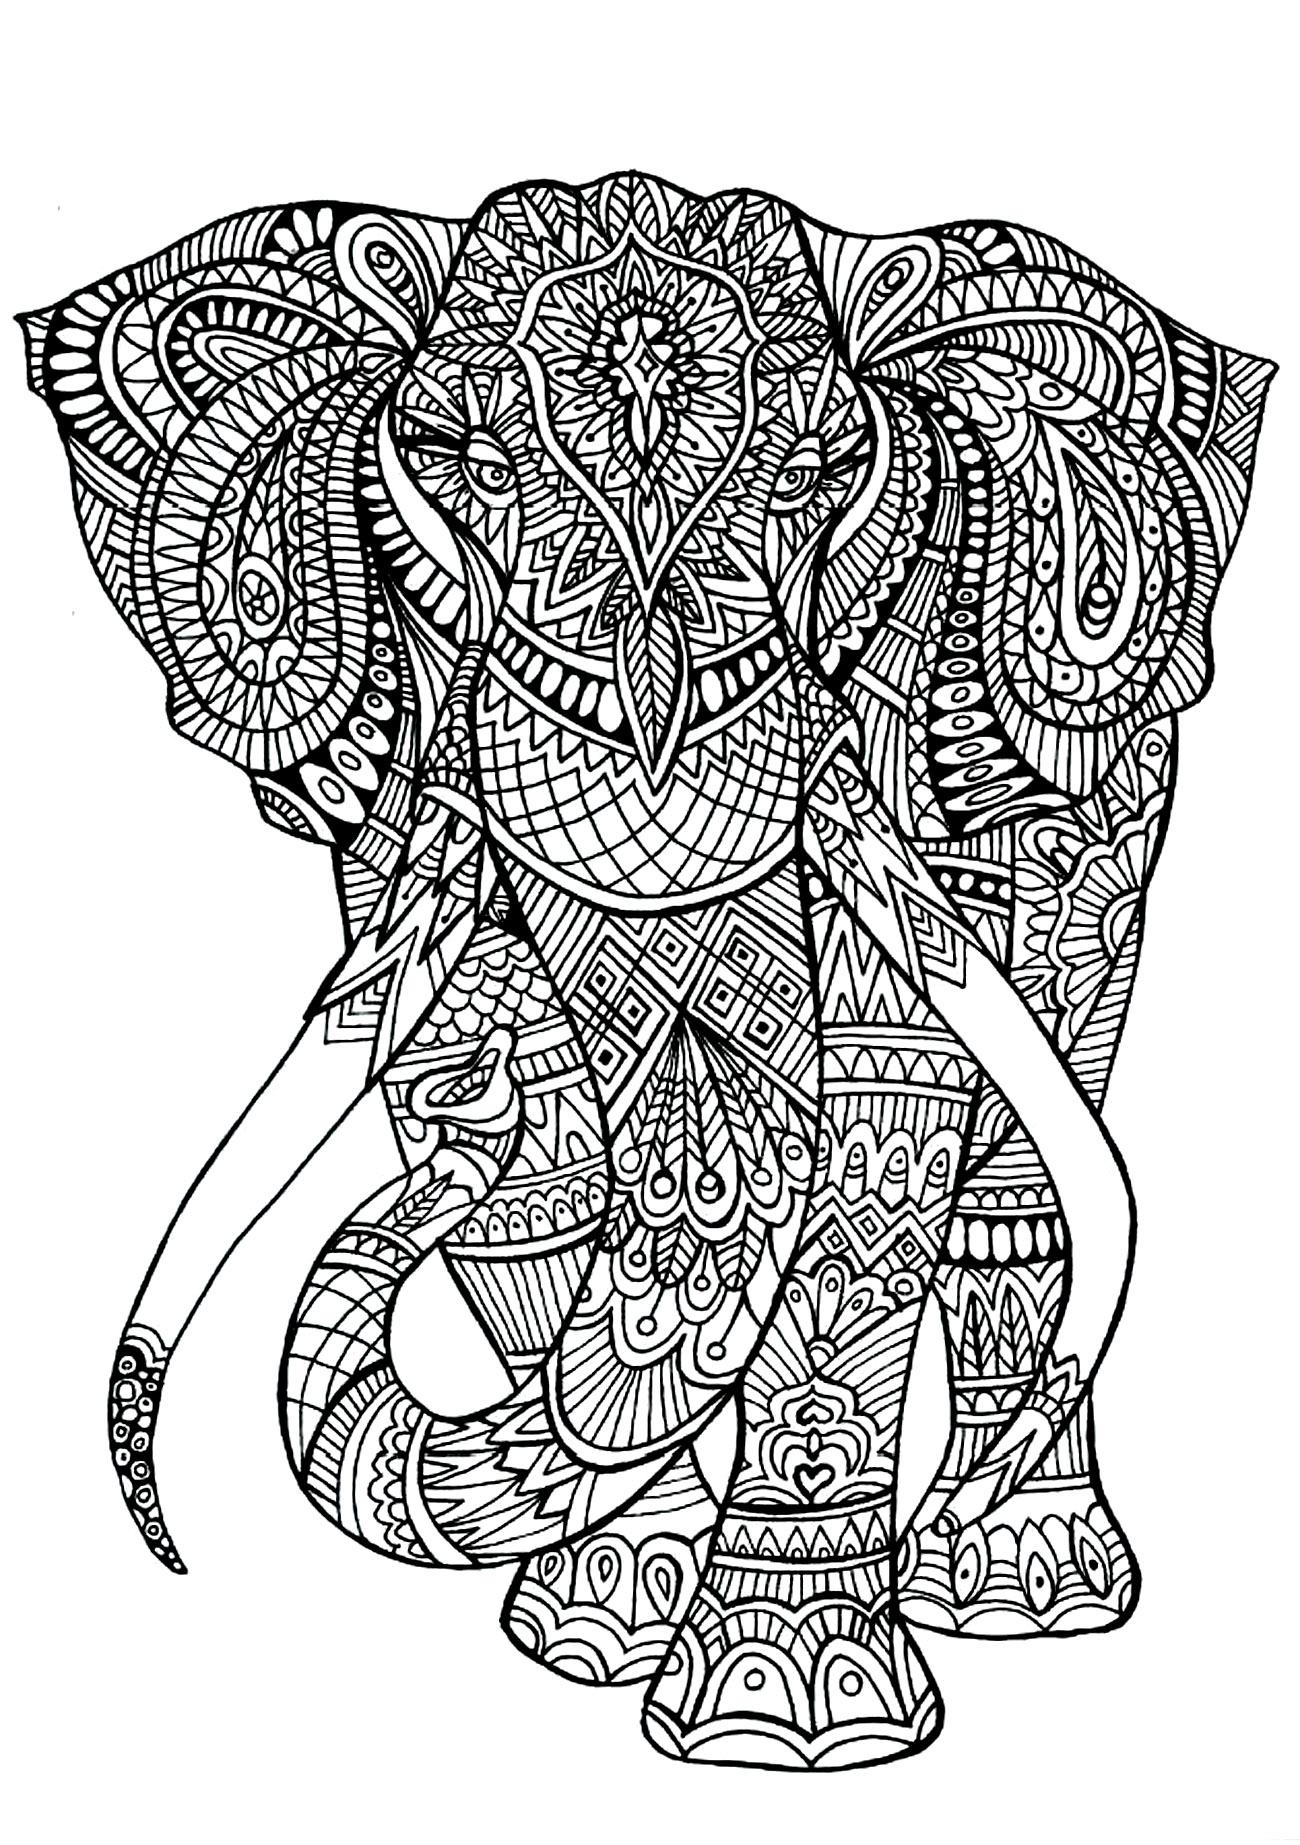 Elefantes 35085 | Elefantes - Colorear para adultos | JustColor